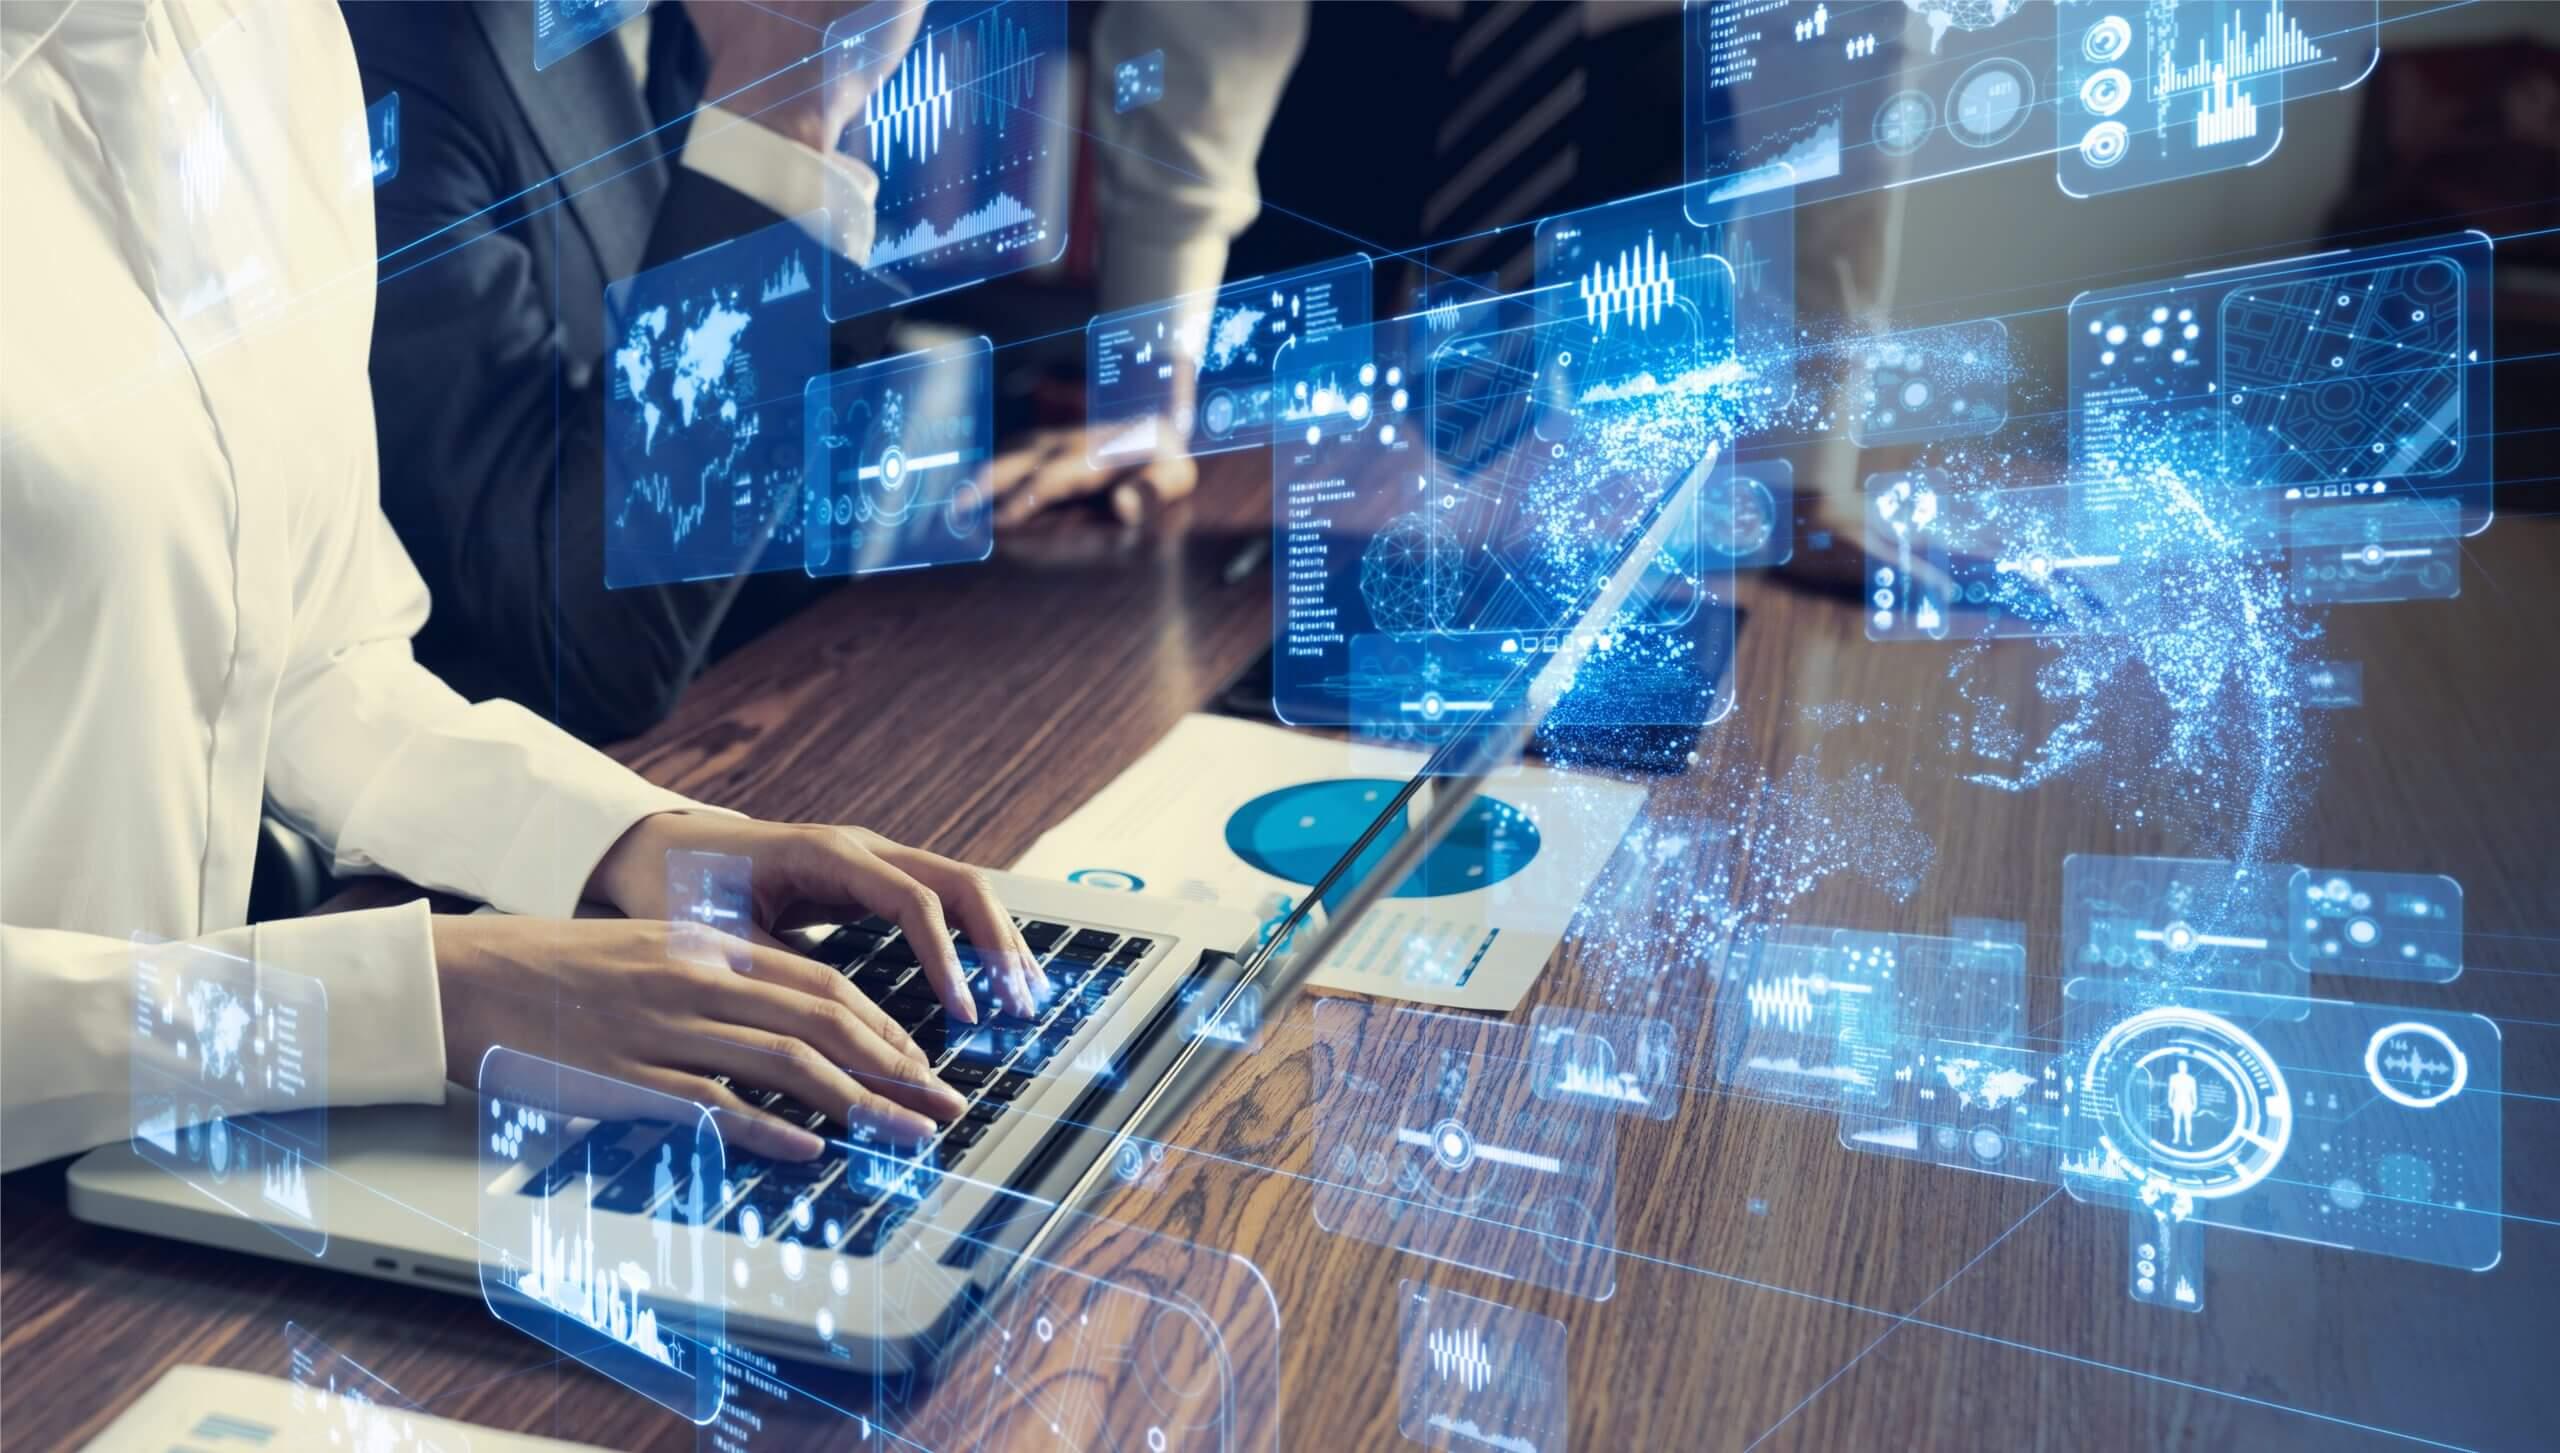 広告印刷企業の勤怠管理、給与管理システムの一部機能をASP.netで追加開発